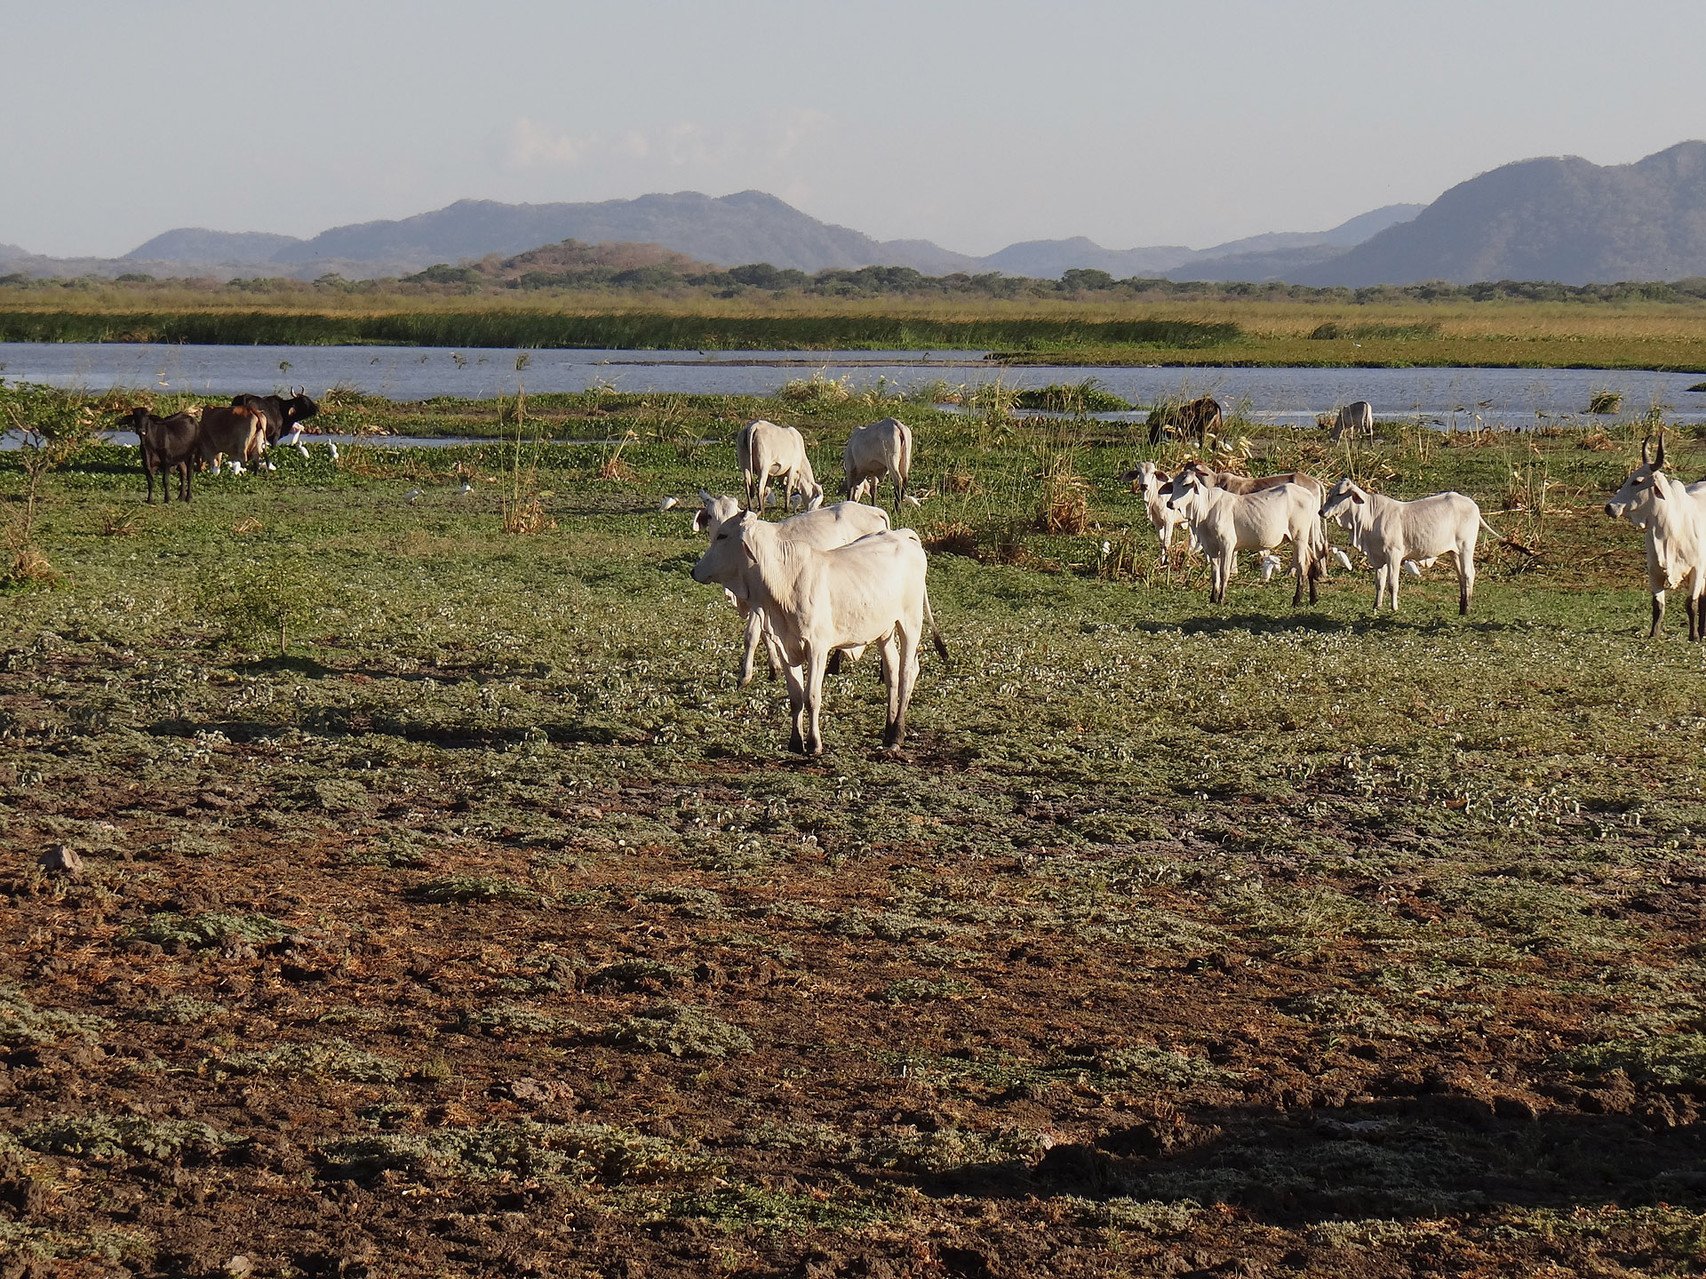 Der Palo Verde Nationalpark liegt im Nordwesten Costa Ricas, eine Gegend mit viel Viehzucht